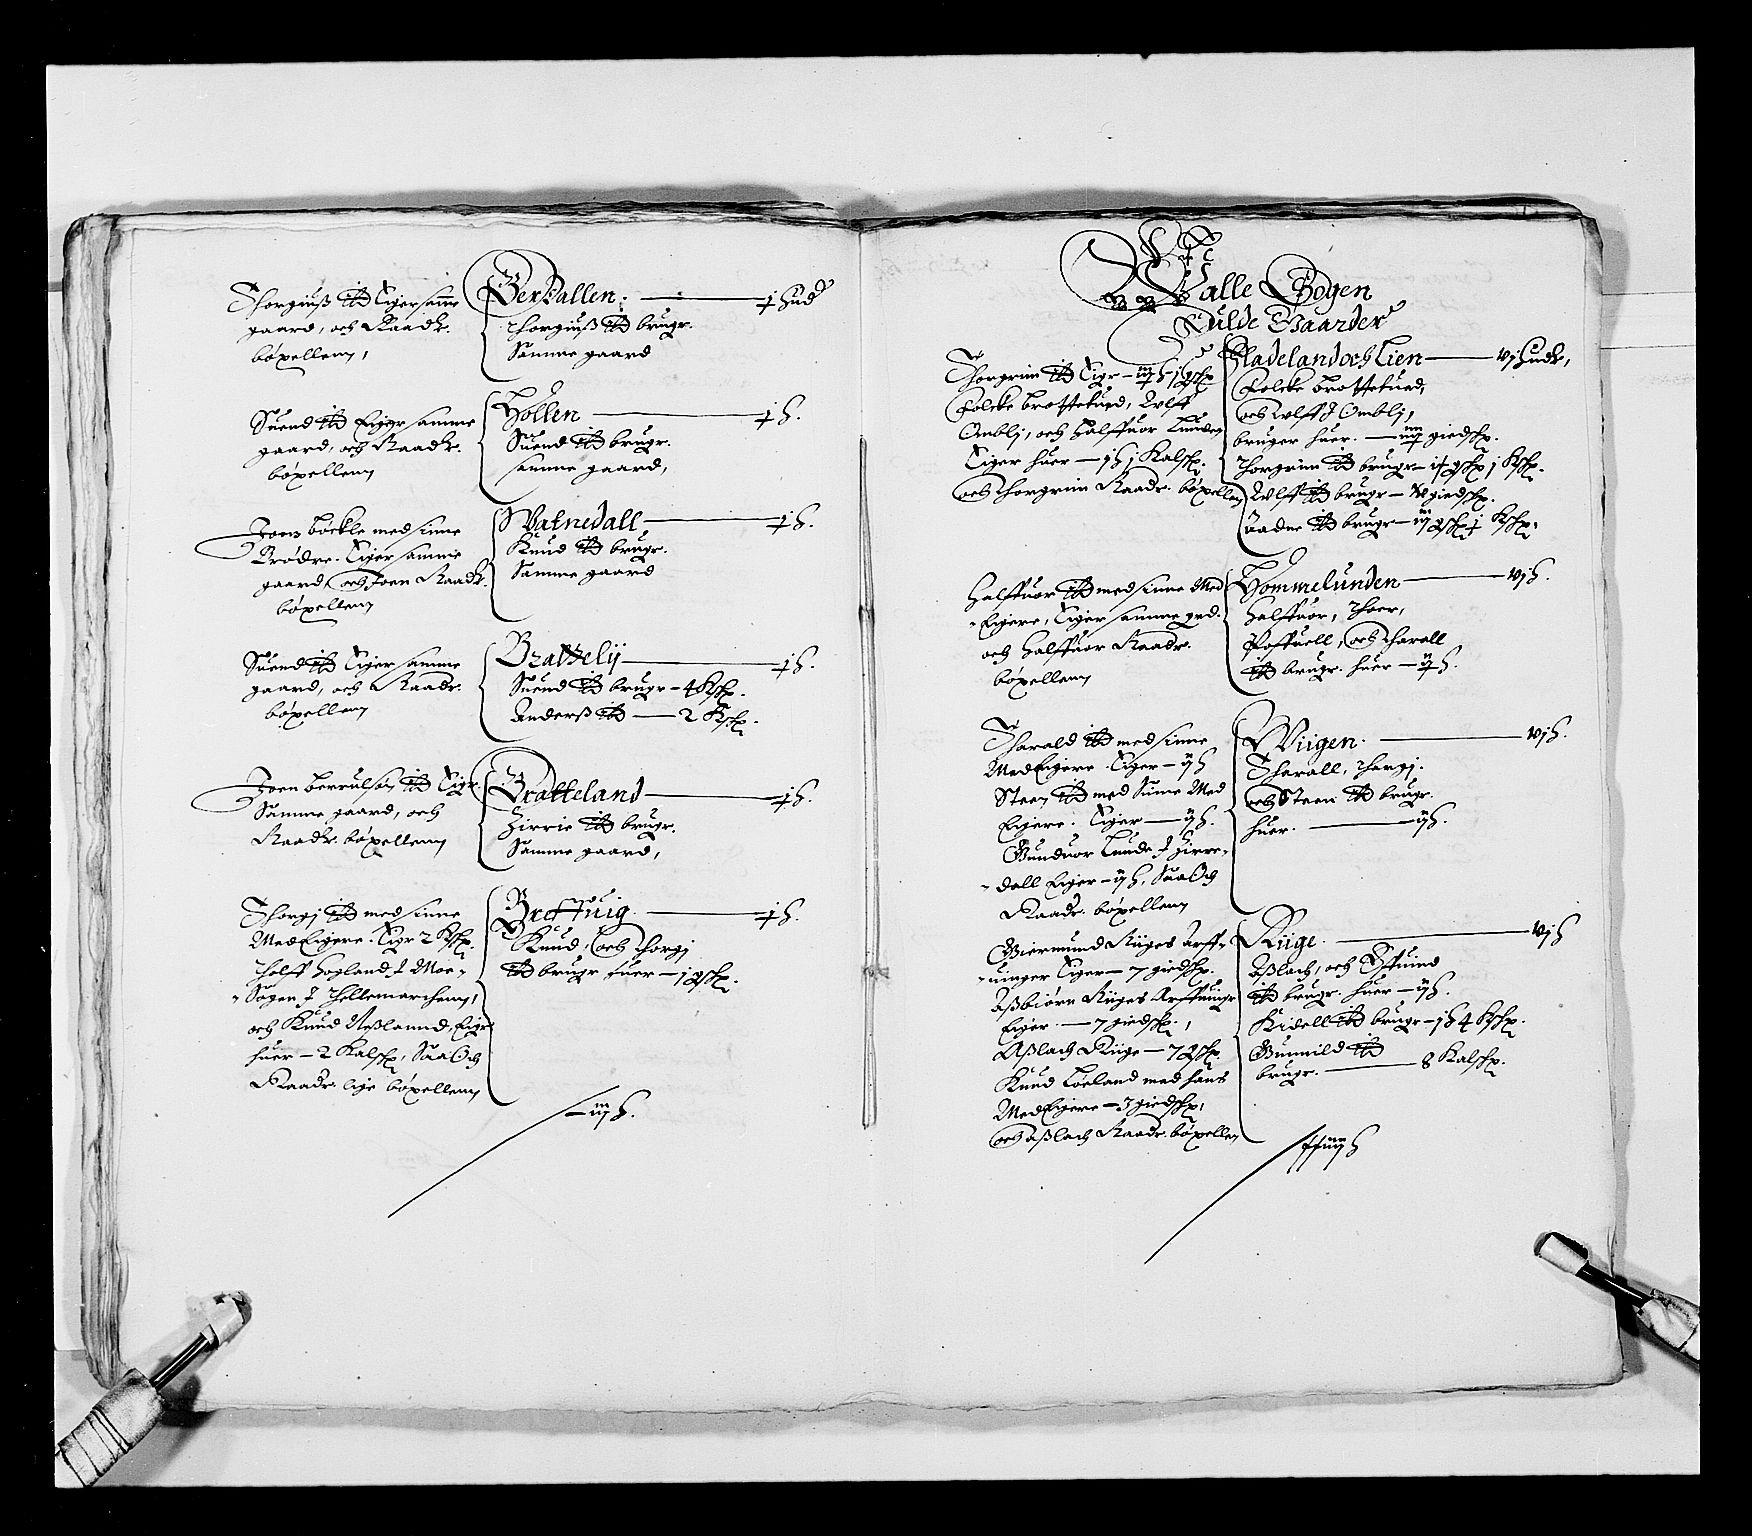 RA, Stattholderembetet 1572-1771, Ek/L0023: Jordebøker 1633-1658:, 1648-1649, s. 25